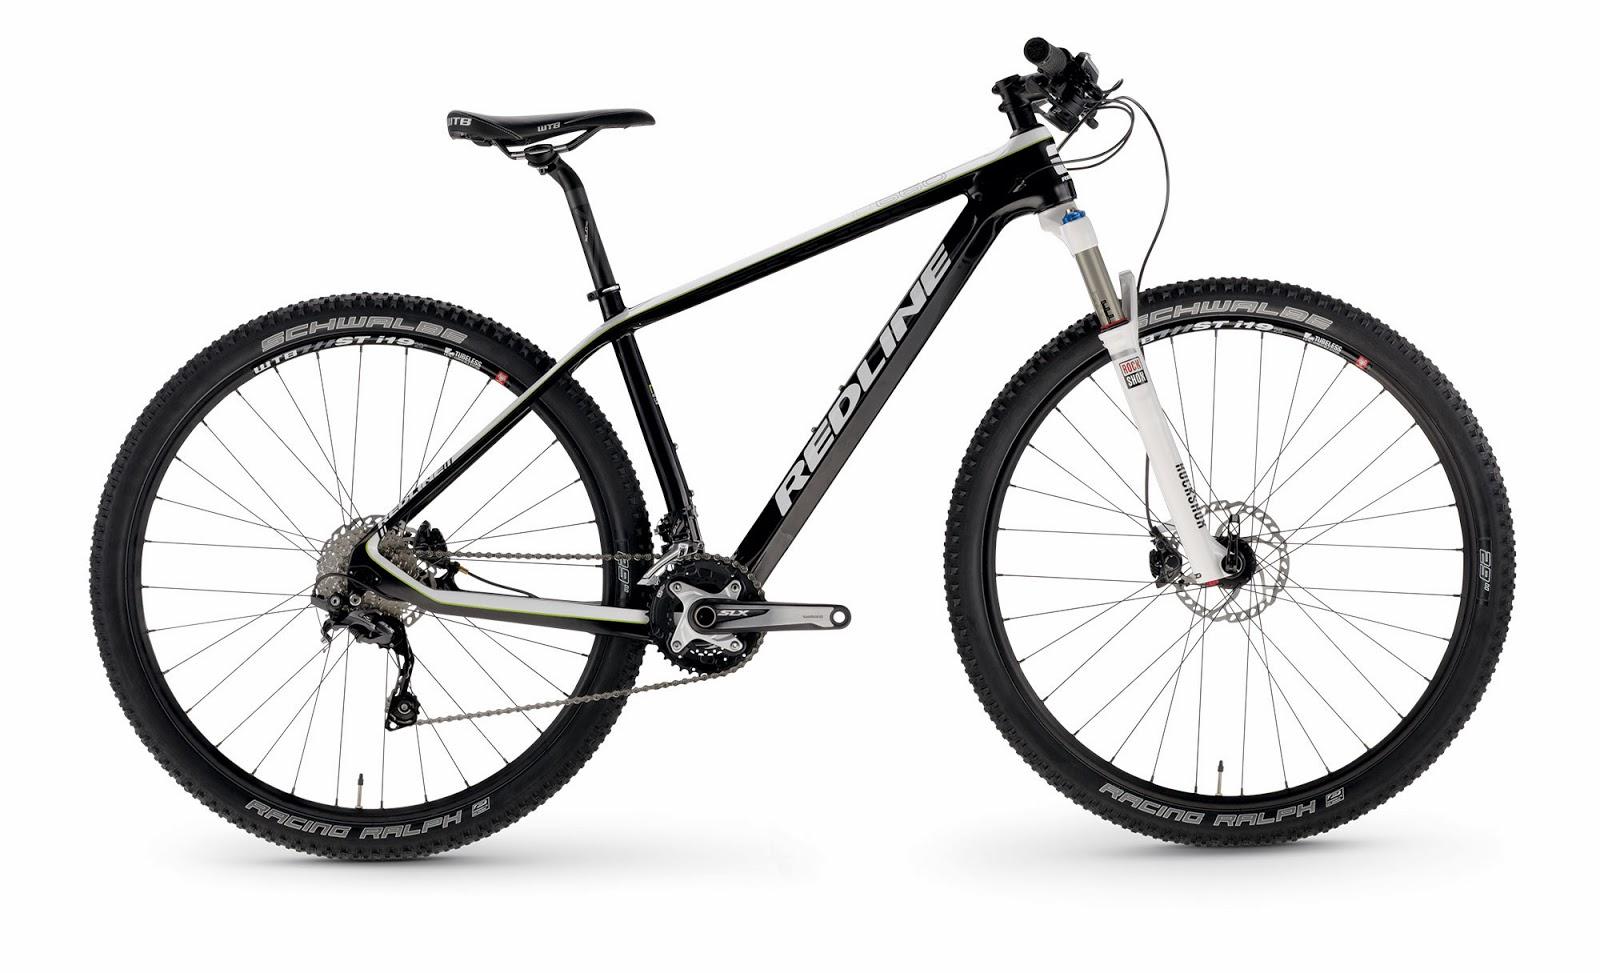 2014 Redline D660 29er Bike